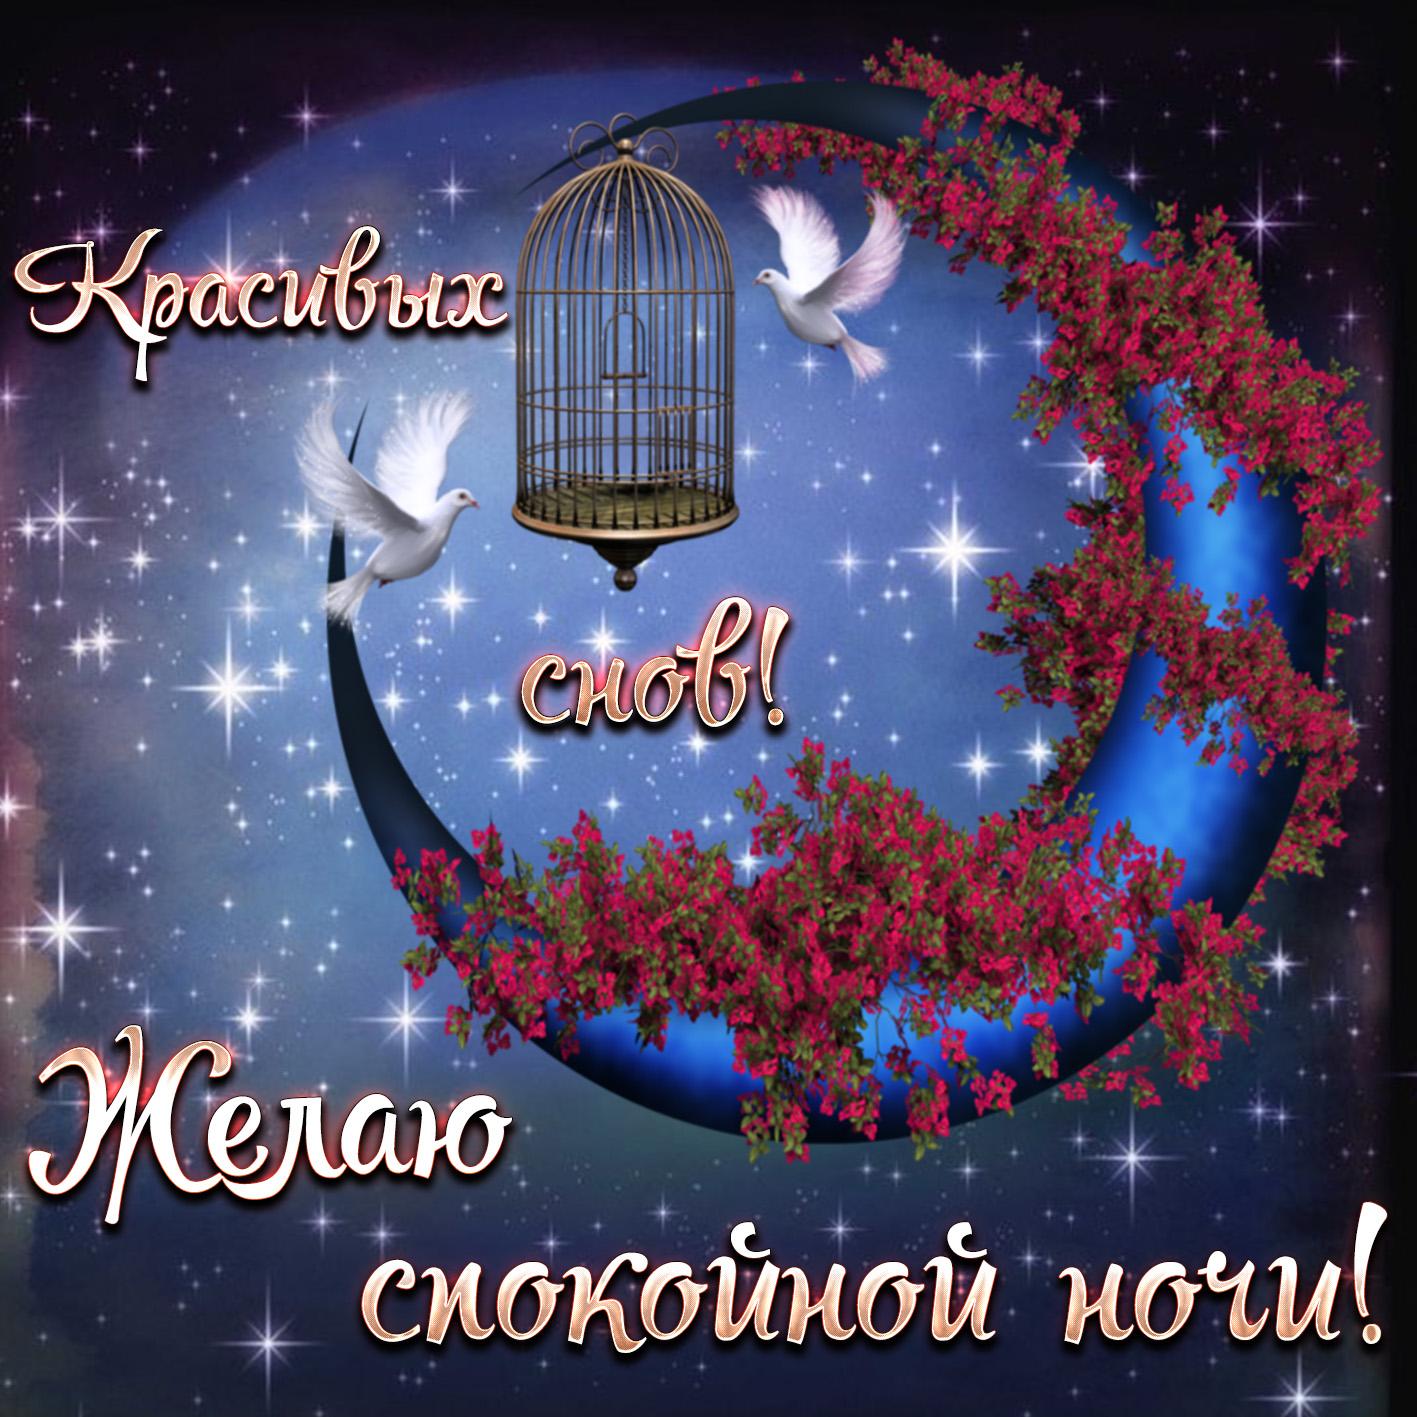 Картинка на армянском спокойной ночи